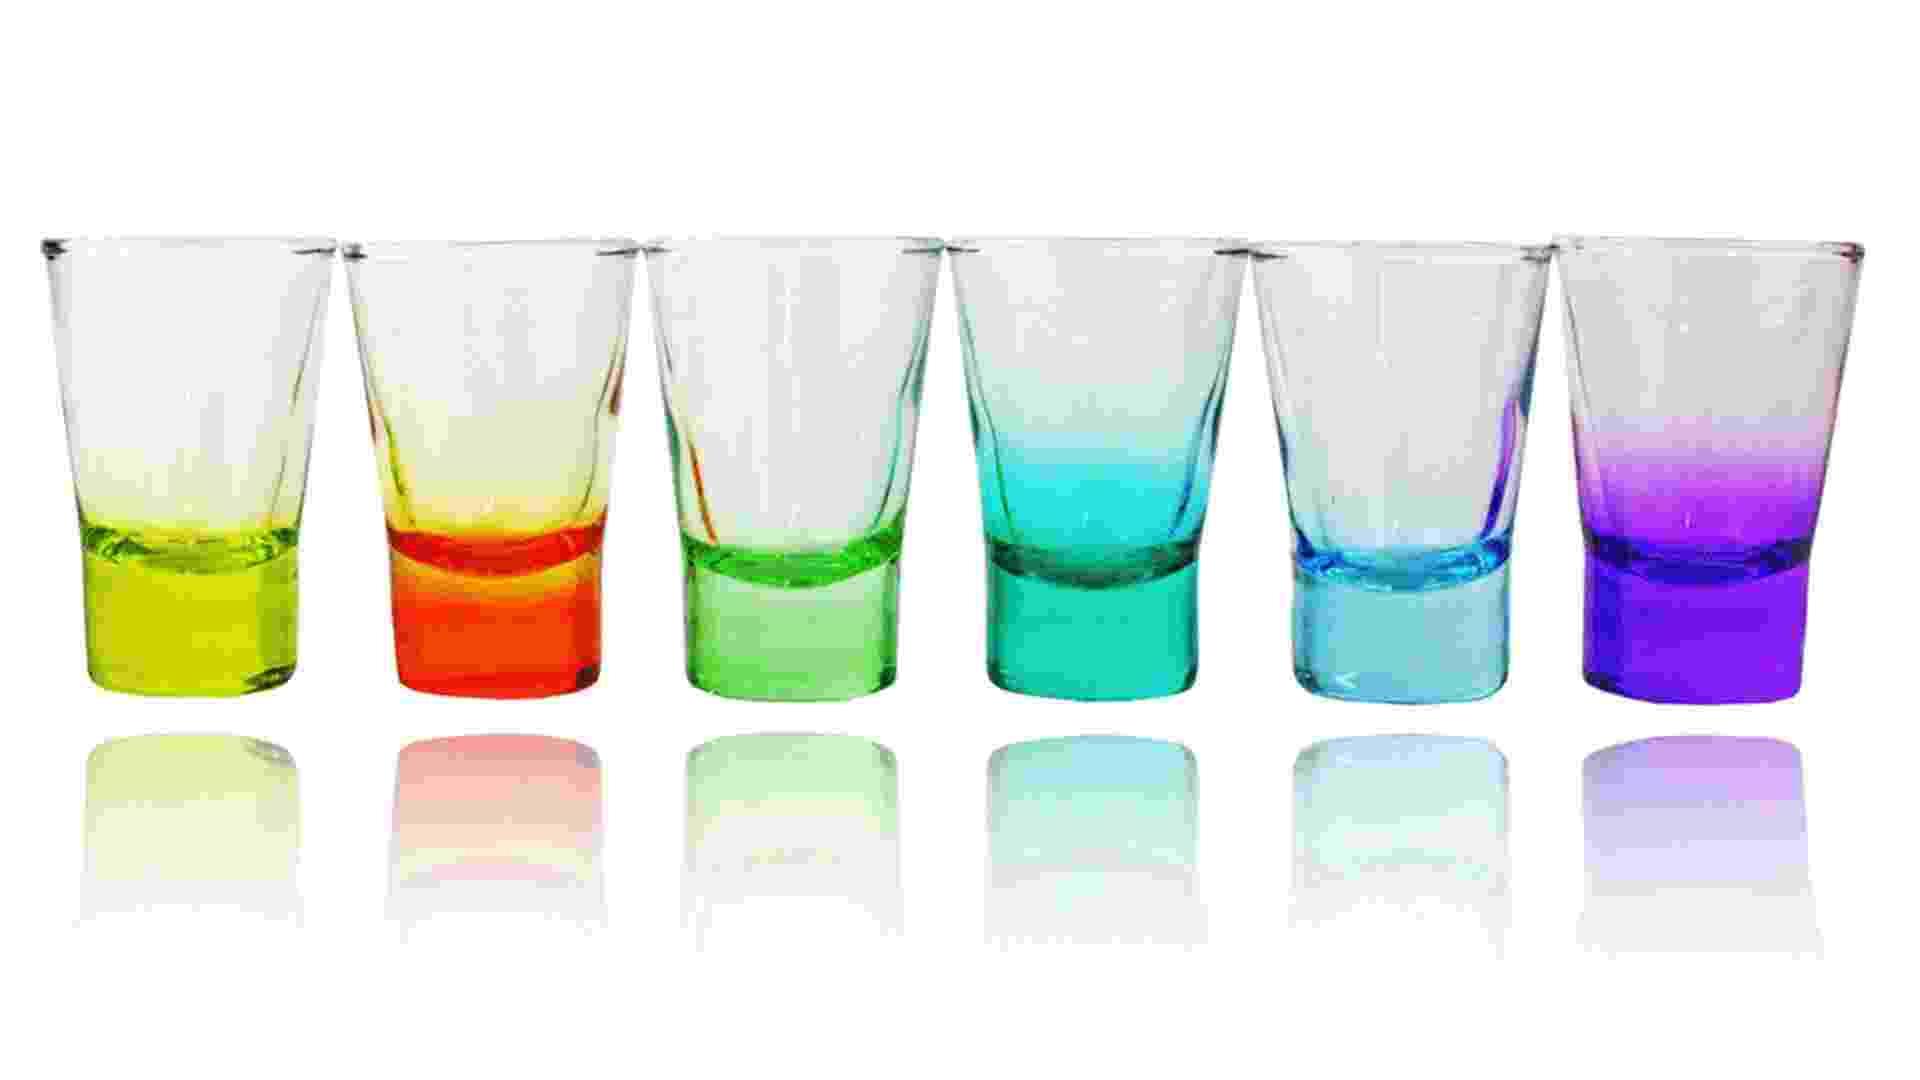 Feitos de vidro, o jogo de copos shot Color, da marca Von Dentz, é vendido na Camicado (www.camicado.com.br) por R$ 49,90 (o conjunto com seis unidades) I Preços pesquisados em fevereiro de 2013 e sujeitos a alterações - Divulgação